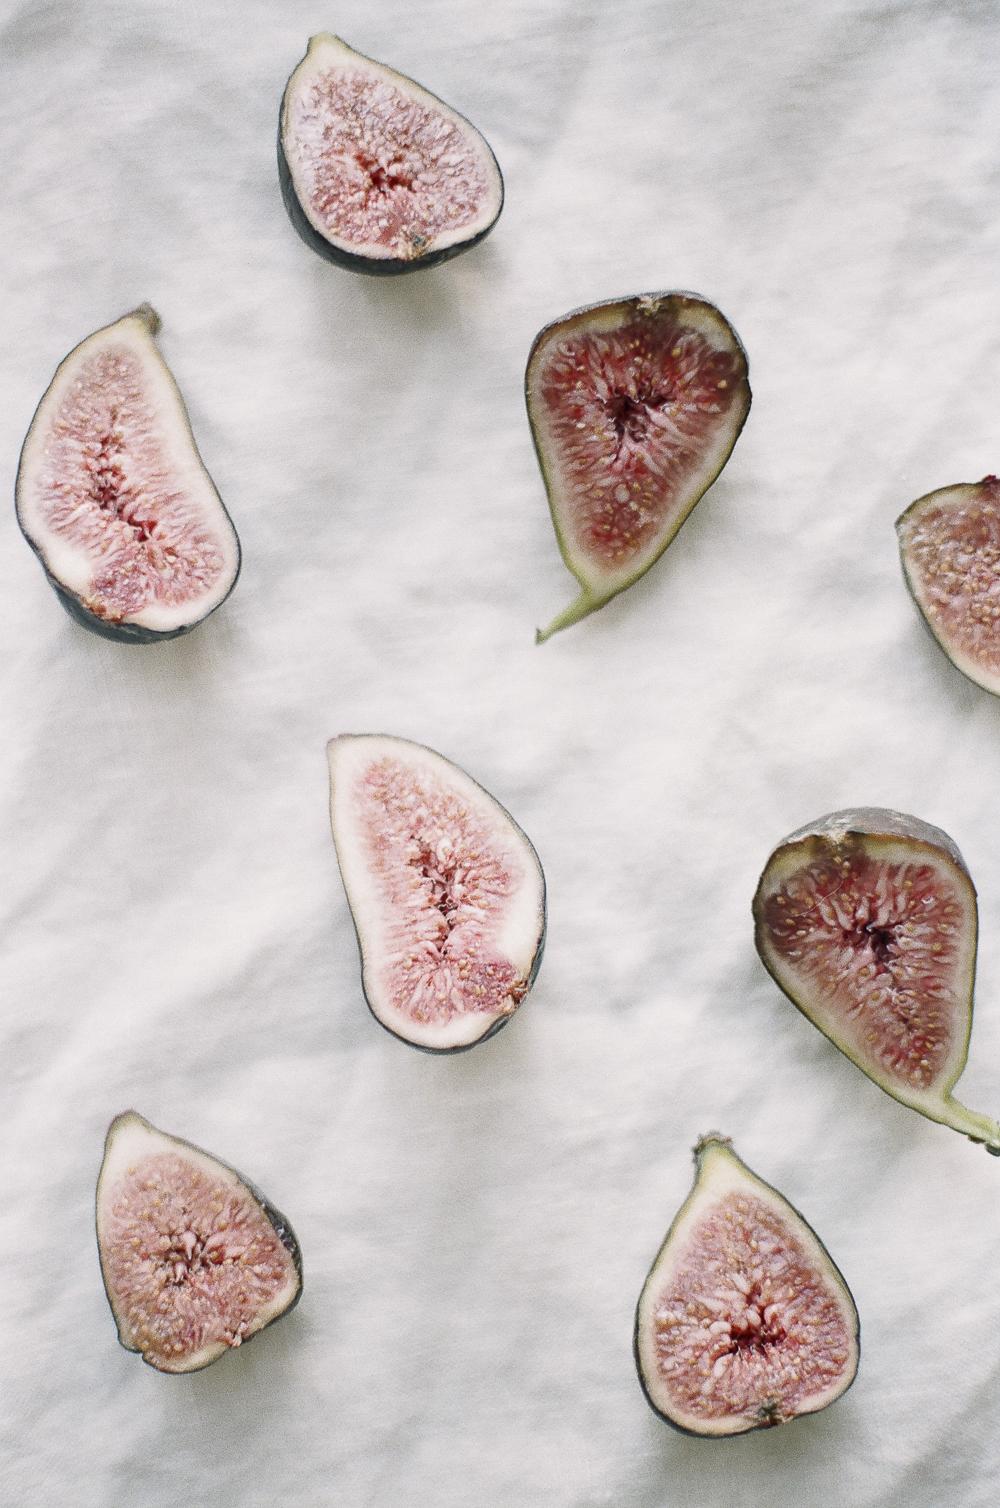 figs-12.jpg